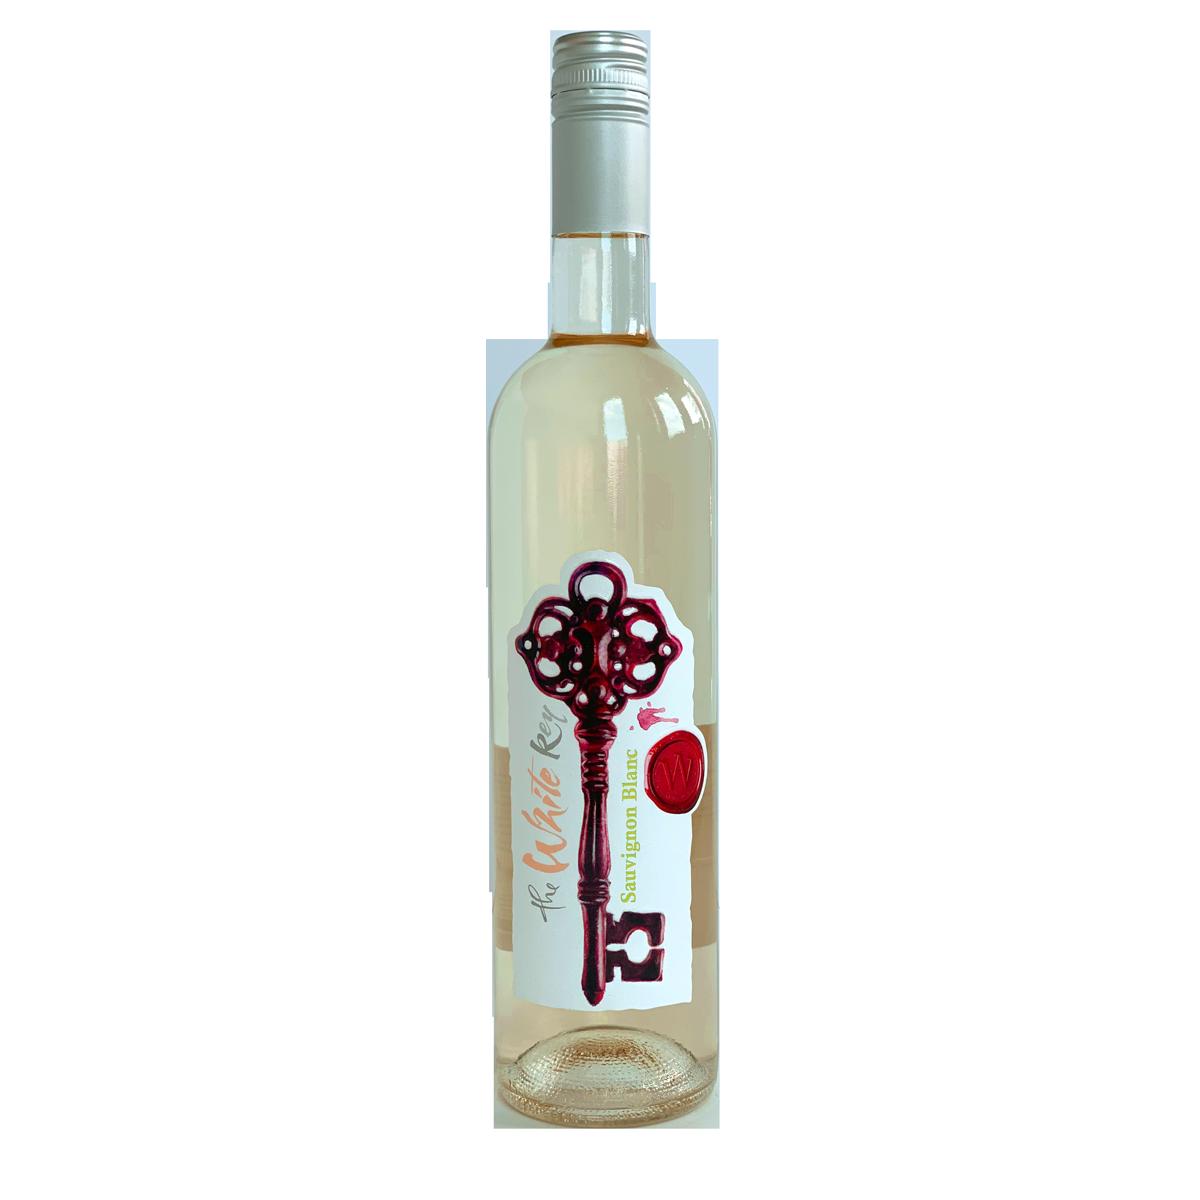 White Key 0.750л - Souvignon blanc